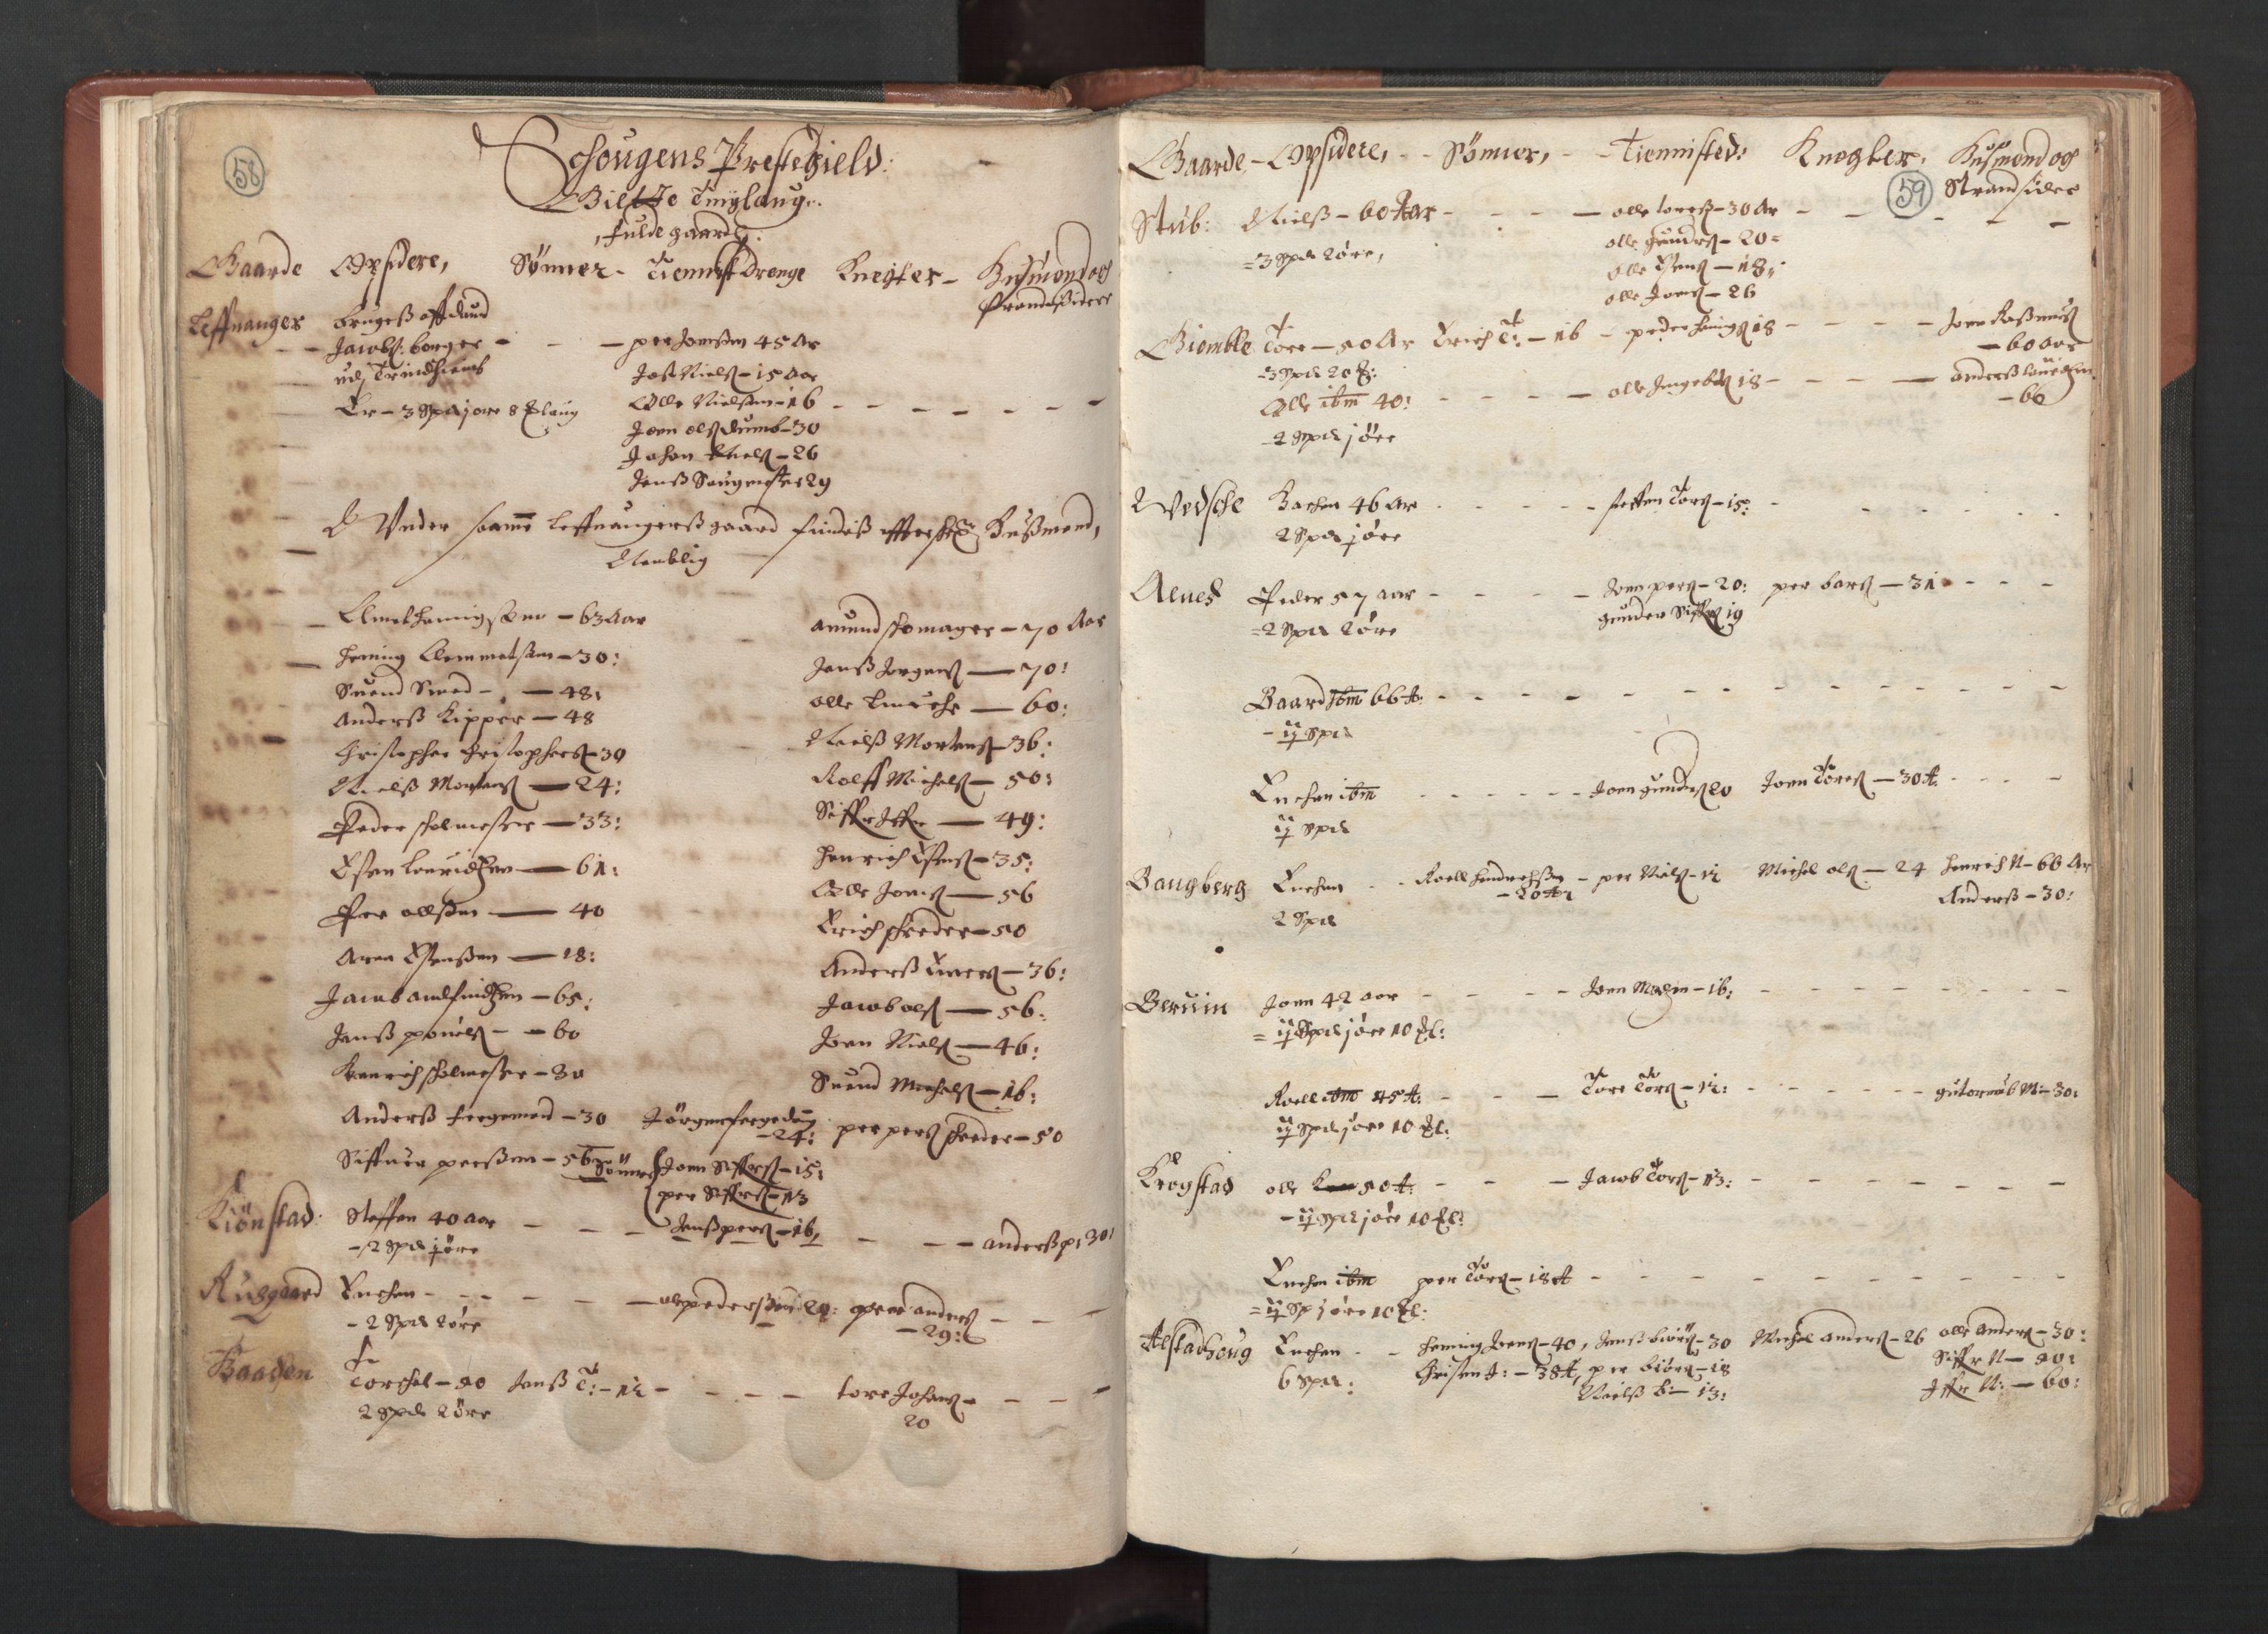 RA, Fogdenes og sorenskrivernes manntall 1664-1666, nr. 19: Fosen fogderi, Inderøy fogderi, Selbu fogderi, Namdal fogderi og Stjørdal fogderi, 1664-1665, s. 58-59